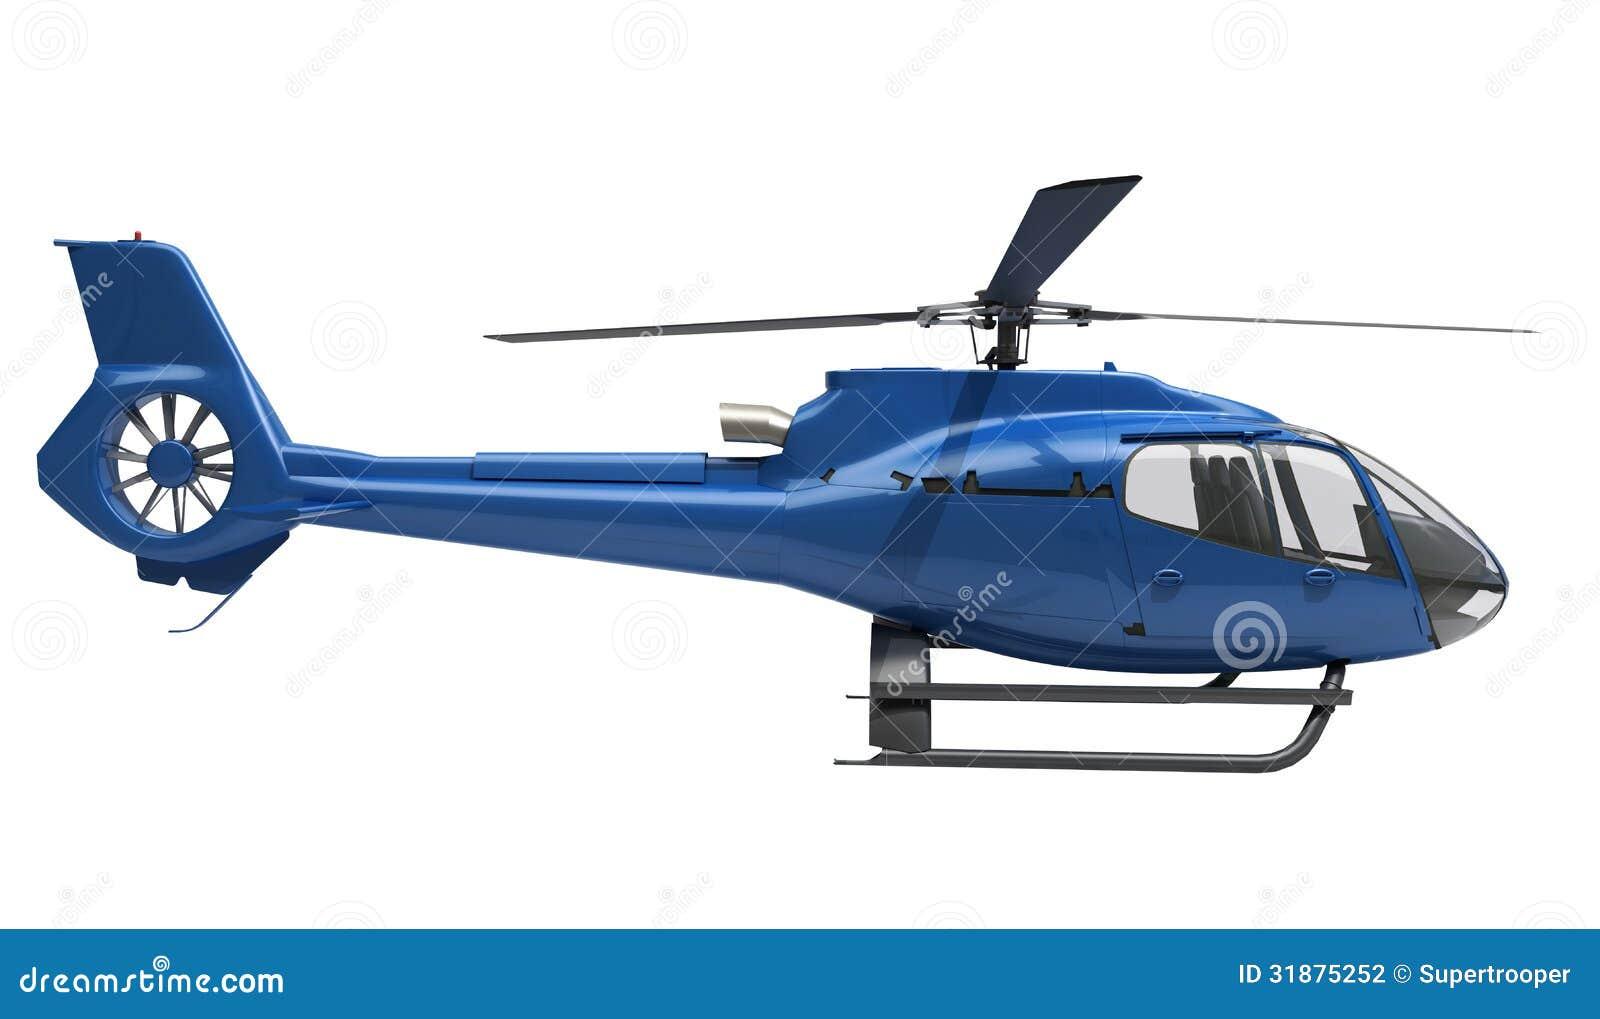 Elicottero Bianco E Blu : Modern helicopter isolated stock photography image